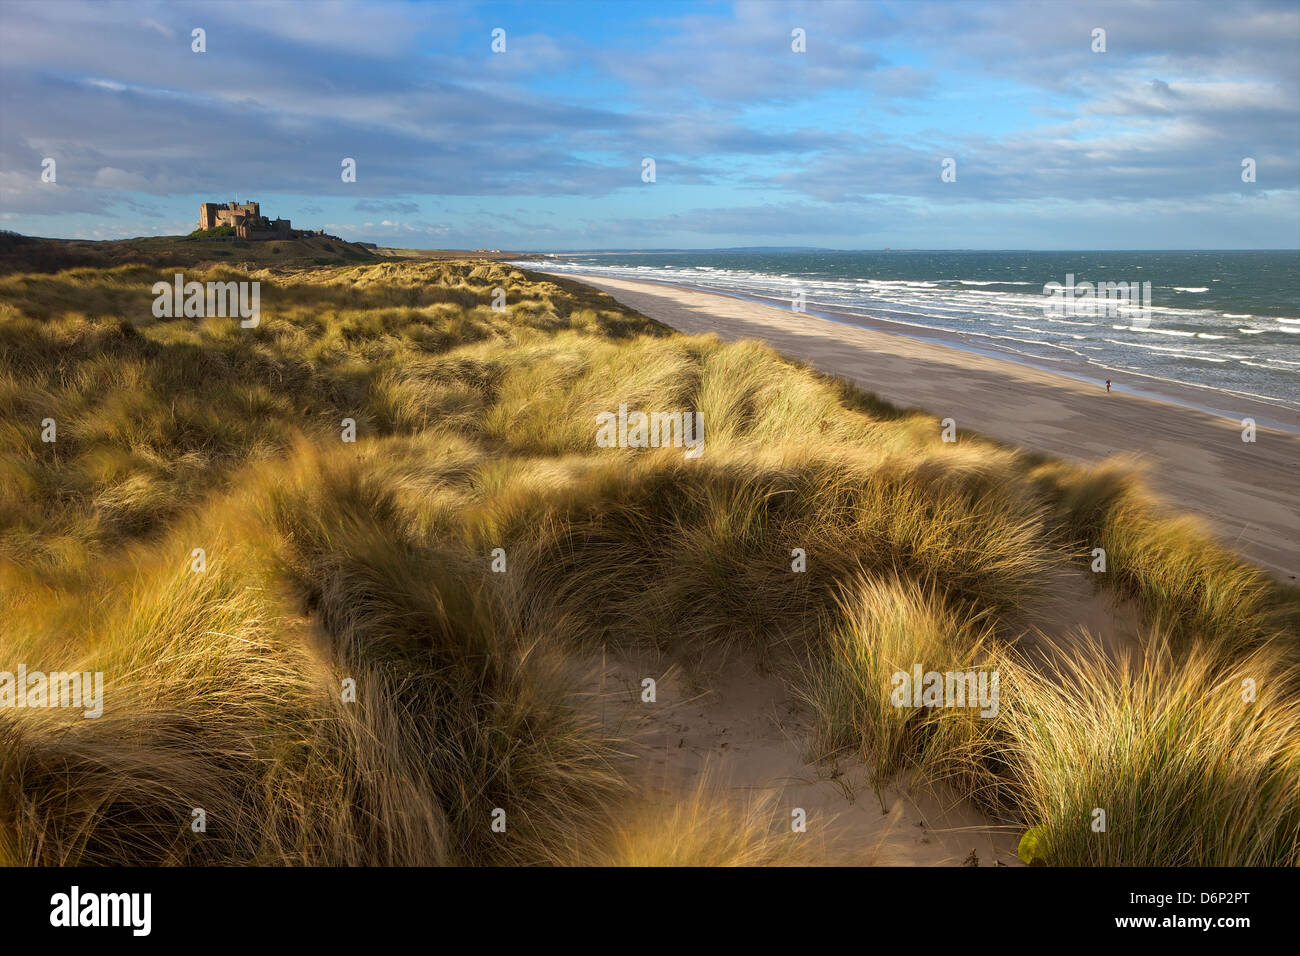 Marram grass, la spiaggia e il surf con il castello di Bamburgh in distanza, Bamburgh, Northumberland, England, Immagini Stock